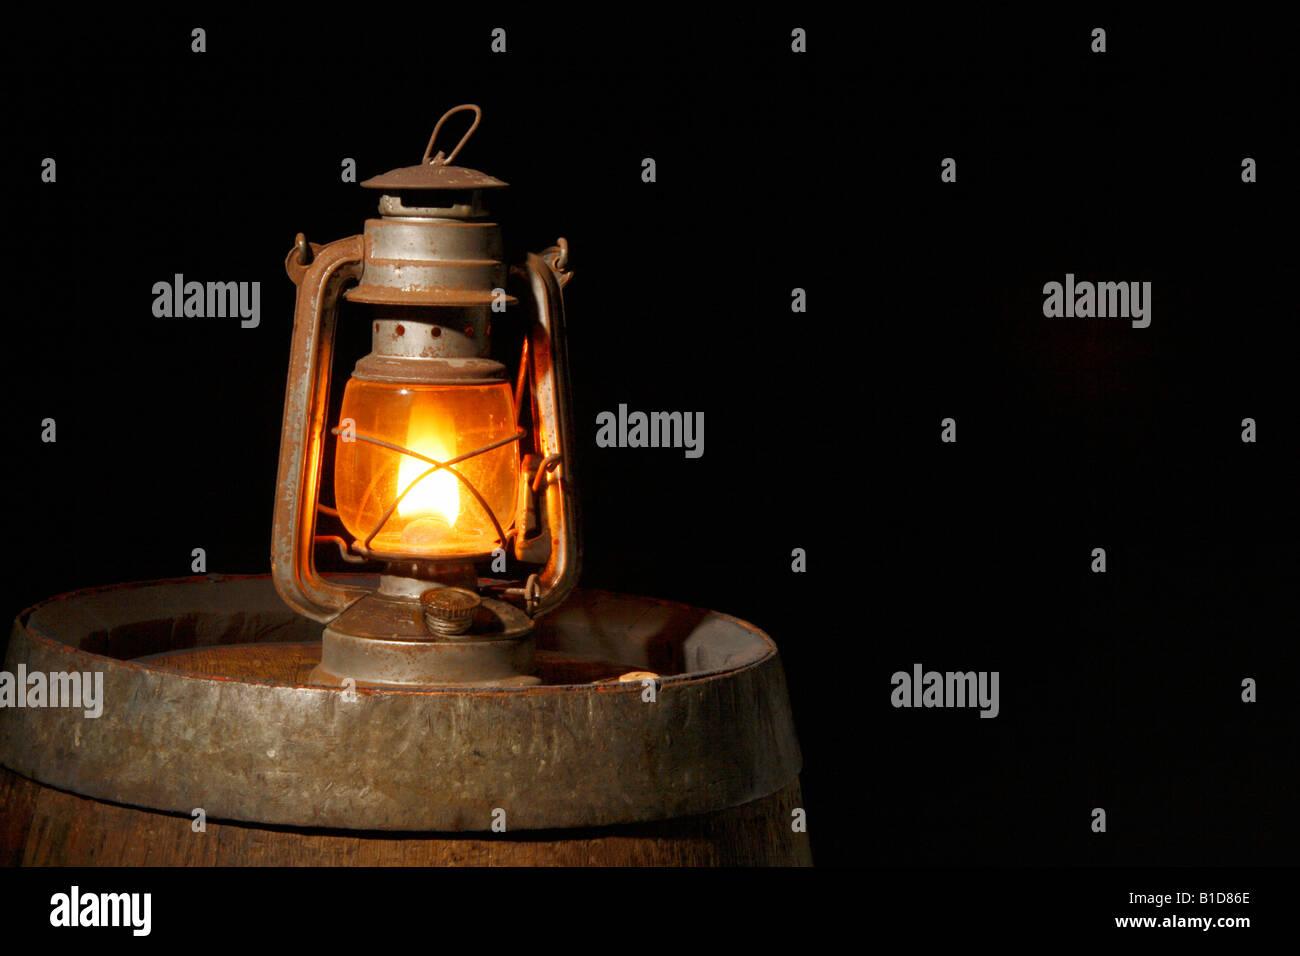 La masterizzazione di olio di mezzanotte. Immagini Stock